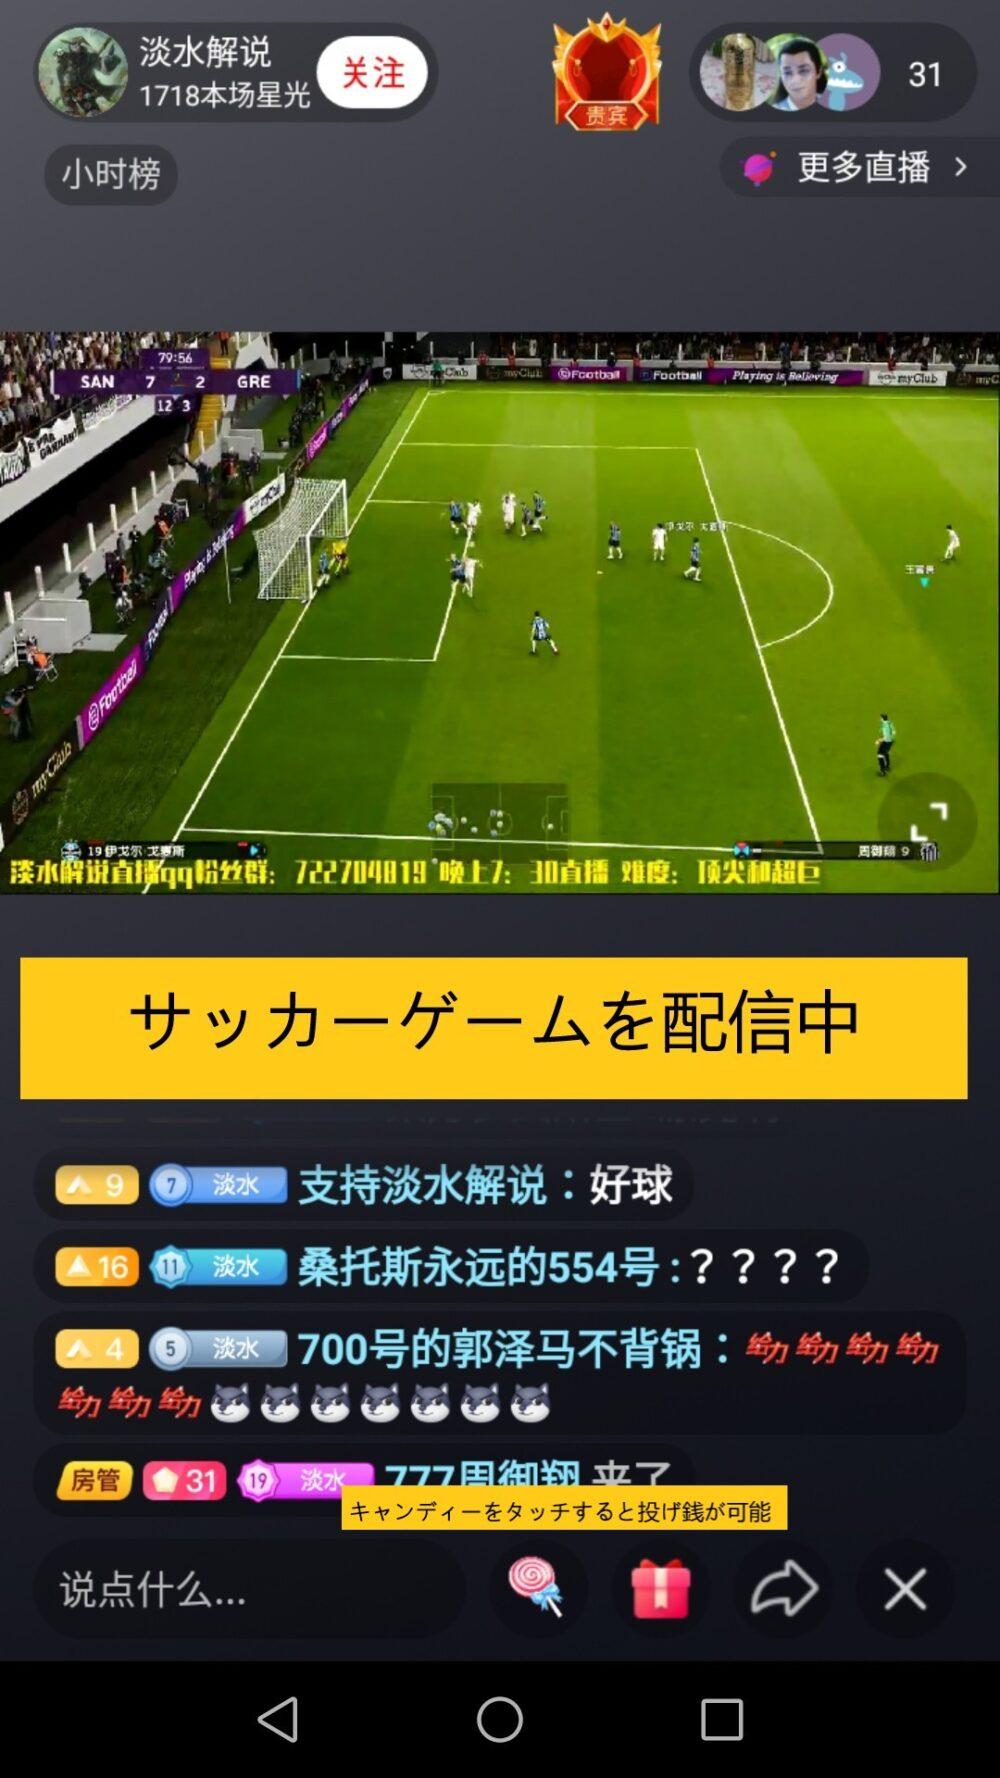 西瓜视频のライブ動画でサッカーゲームを配信しているところのスクリーンショットの画像